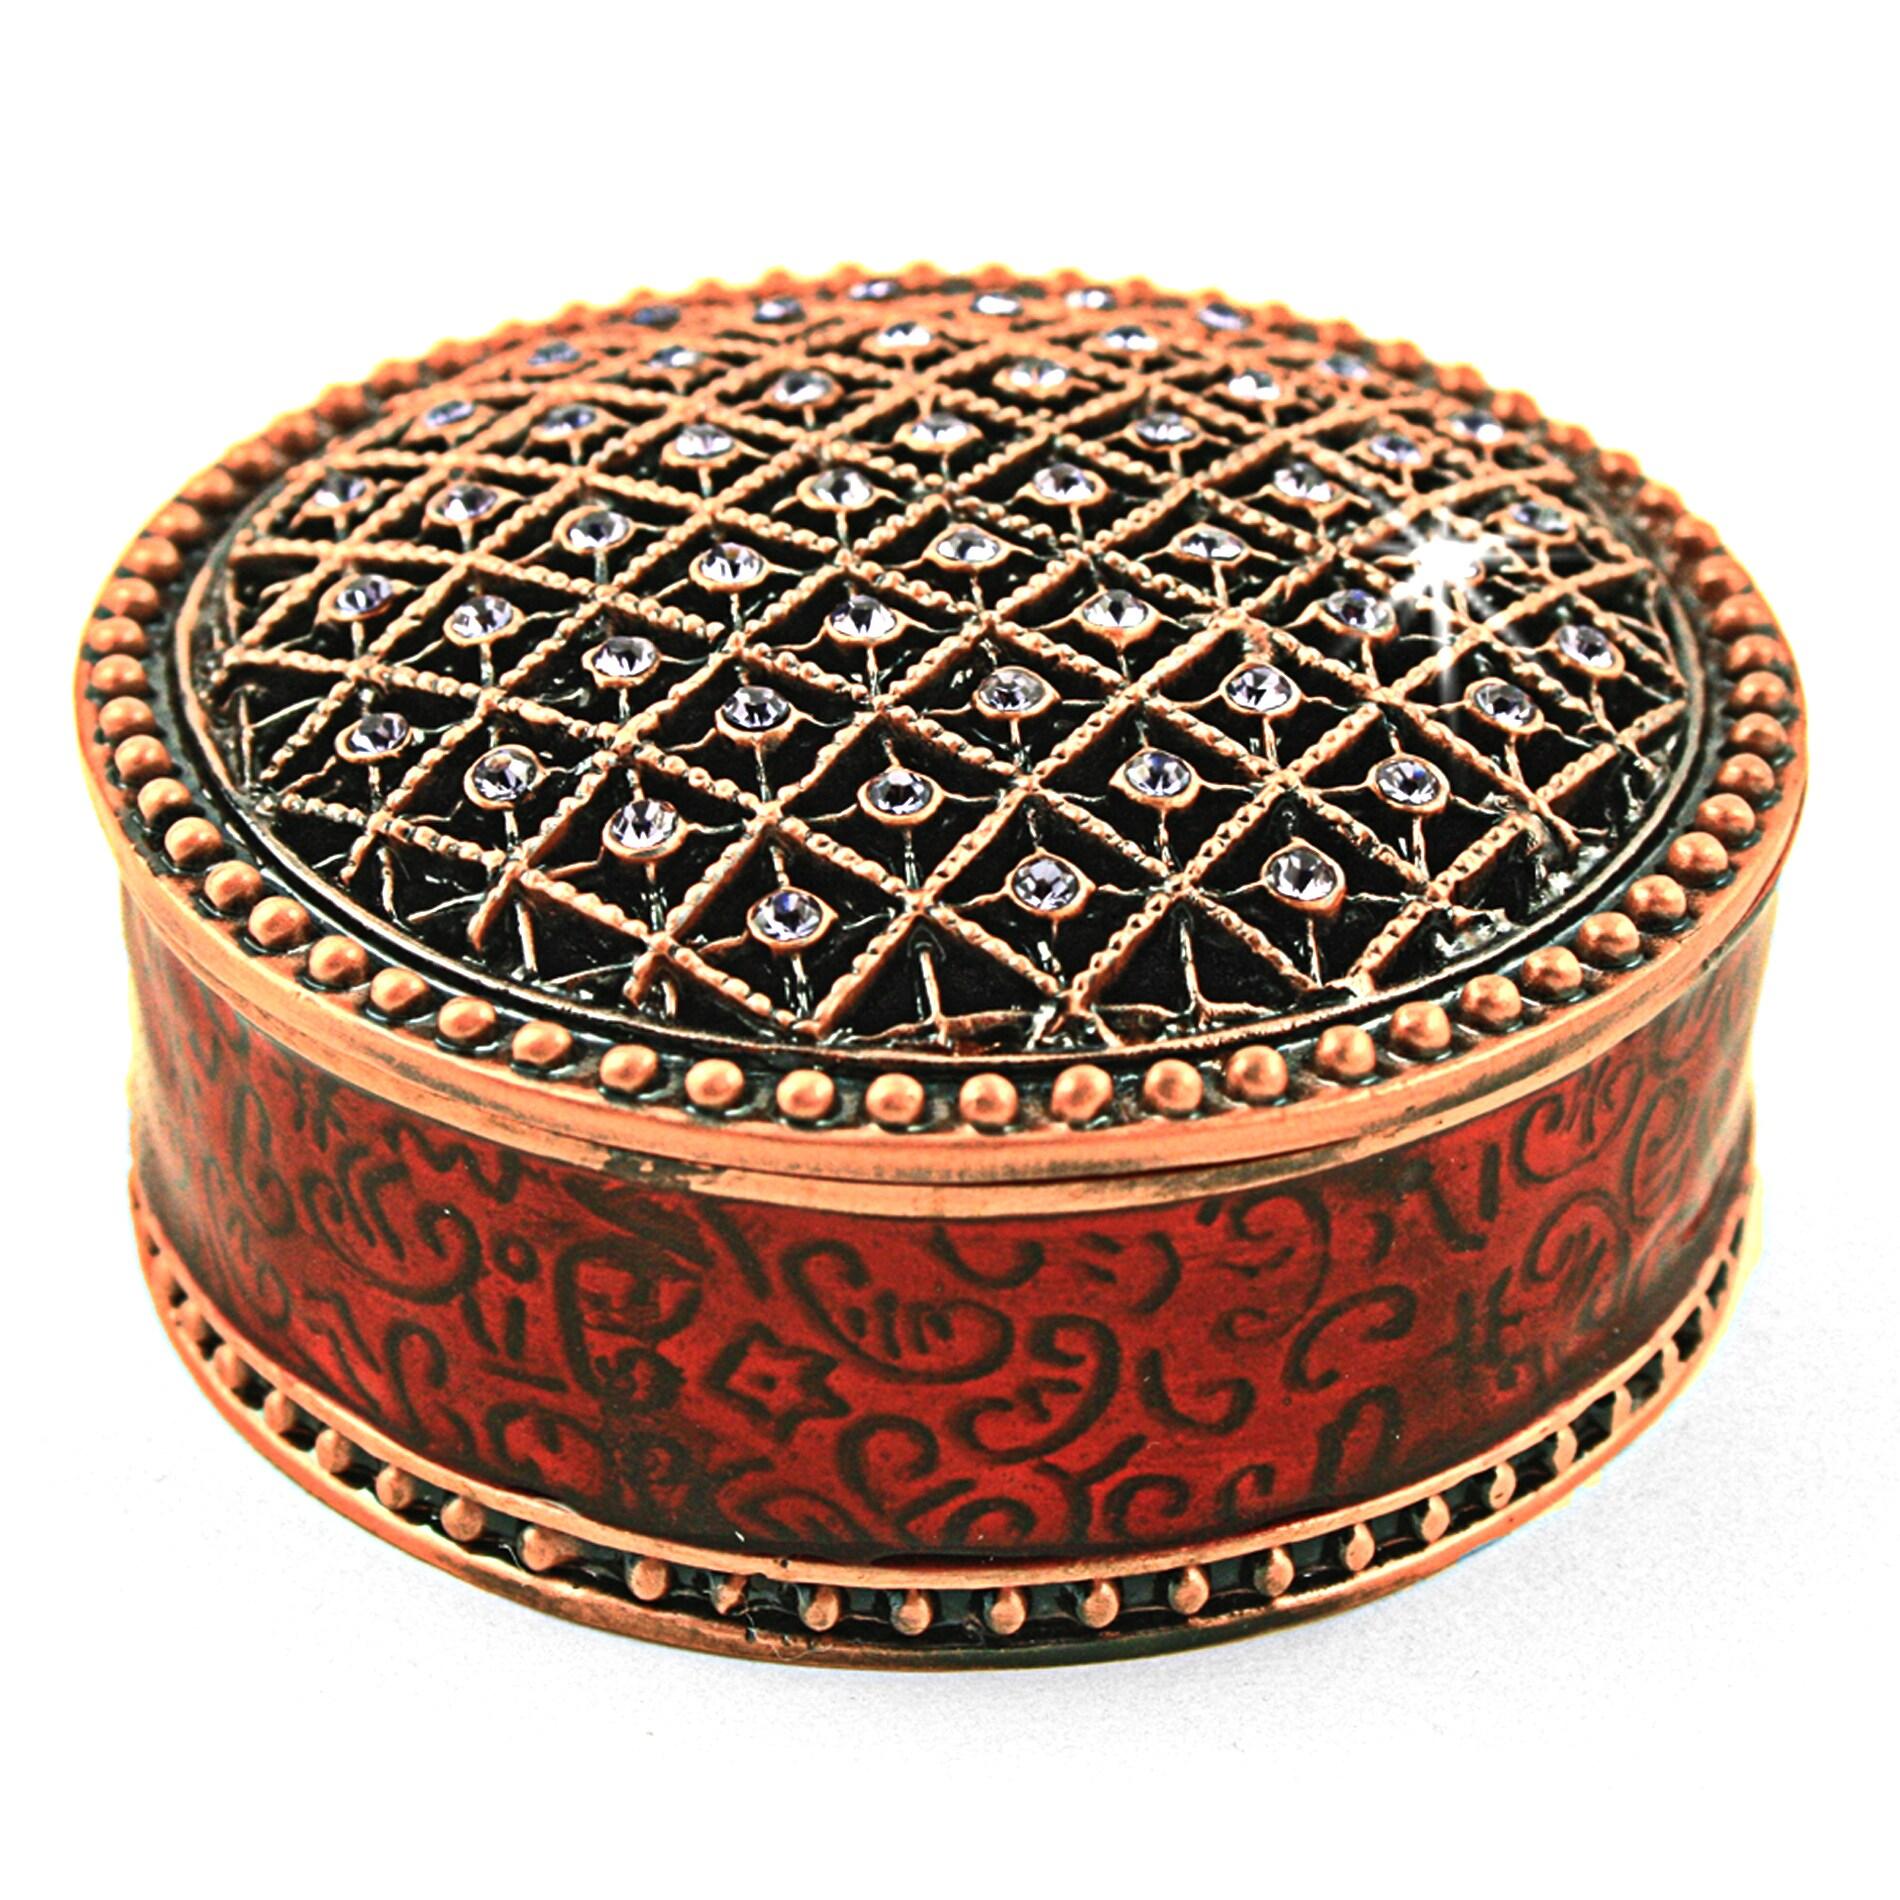 Objet d'art 'Charme' Jeweled Box Trinket Box